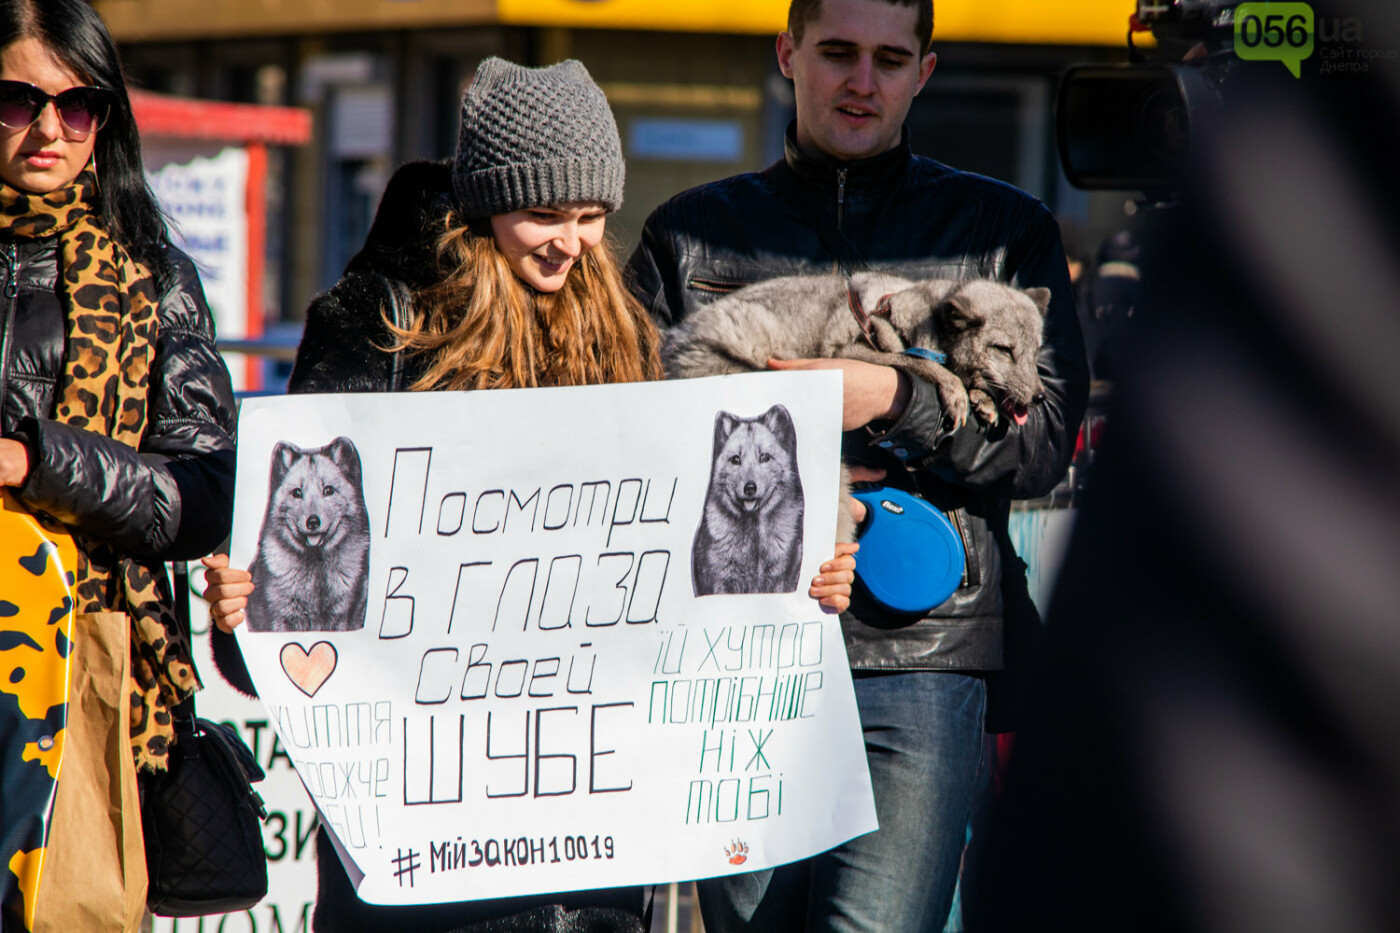 Полярная лиса, законопроект и кричащие плакаты: как в центре Днепра прошла антимеховая акция, - ФОТОРЕПОРТАЖ, ВИДЕО, фото-12